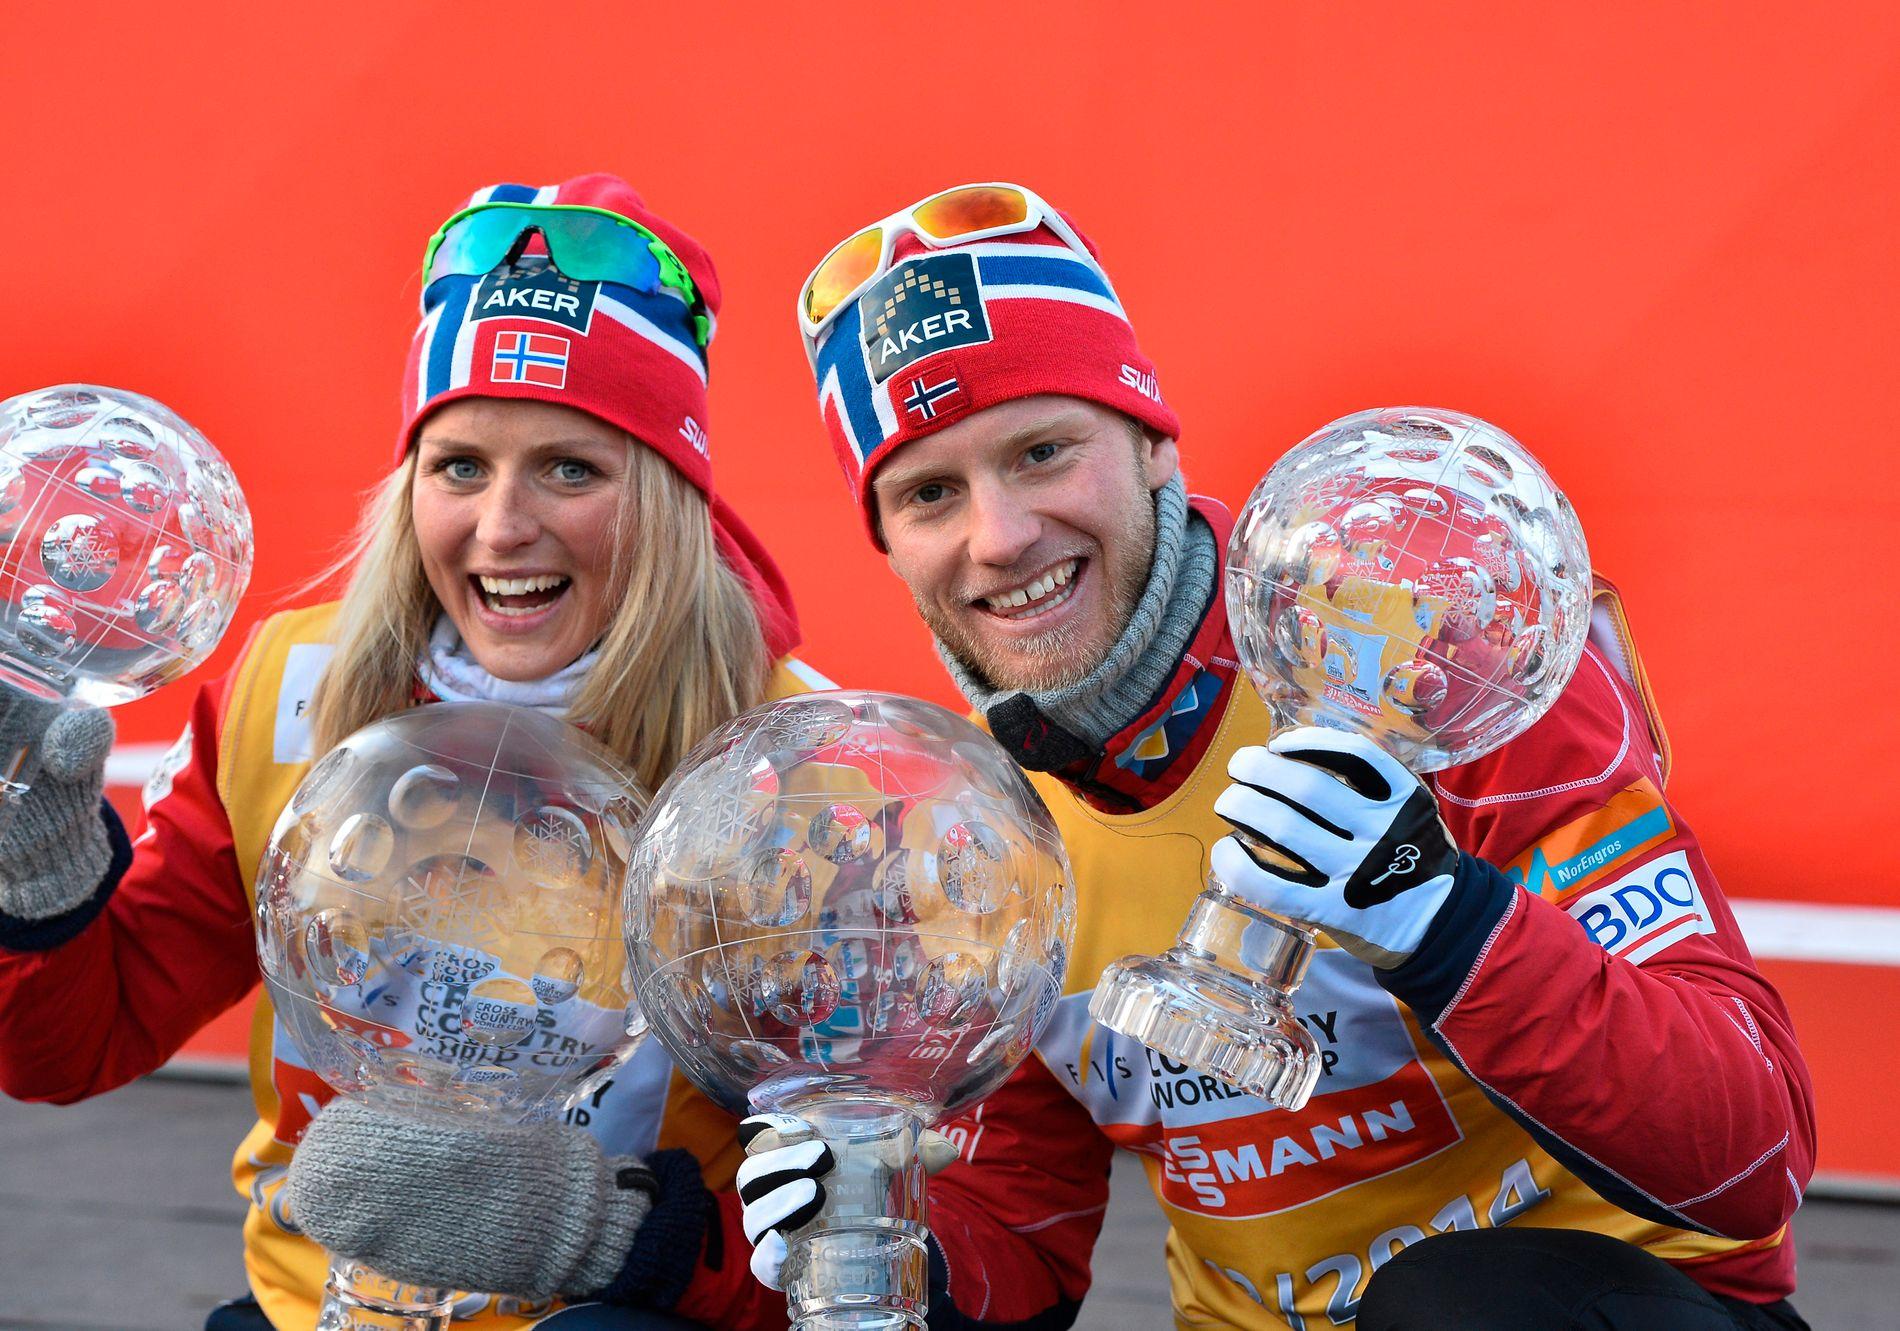 I løpet av noen måneder har både Therese Johaug og Martin Johnsrud Sundby vært inblandet i dopingsaker.